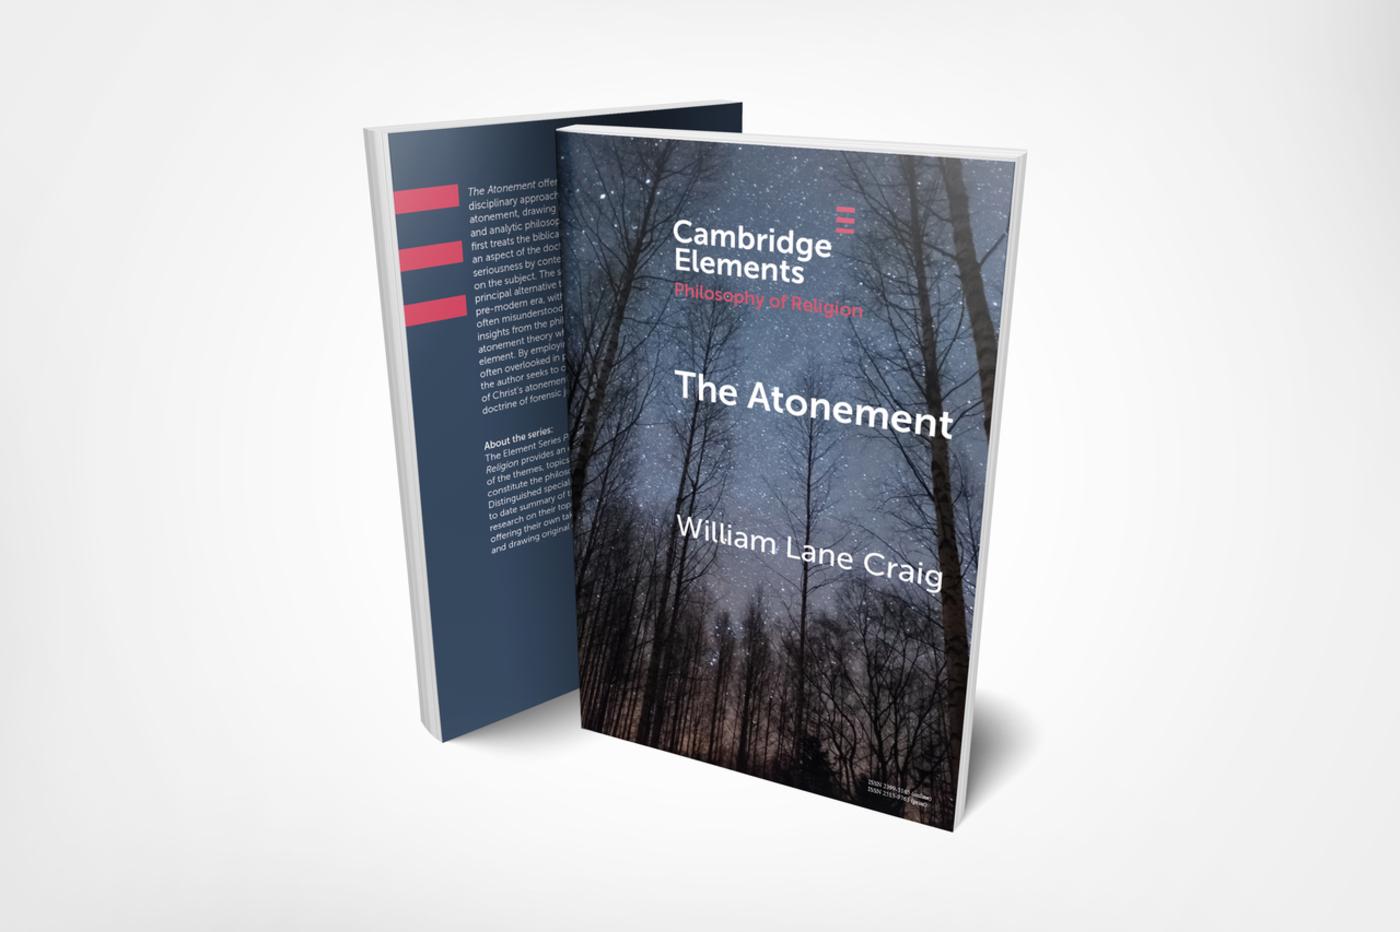 The Atonment, William Lane Craig